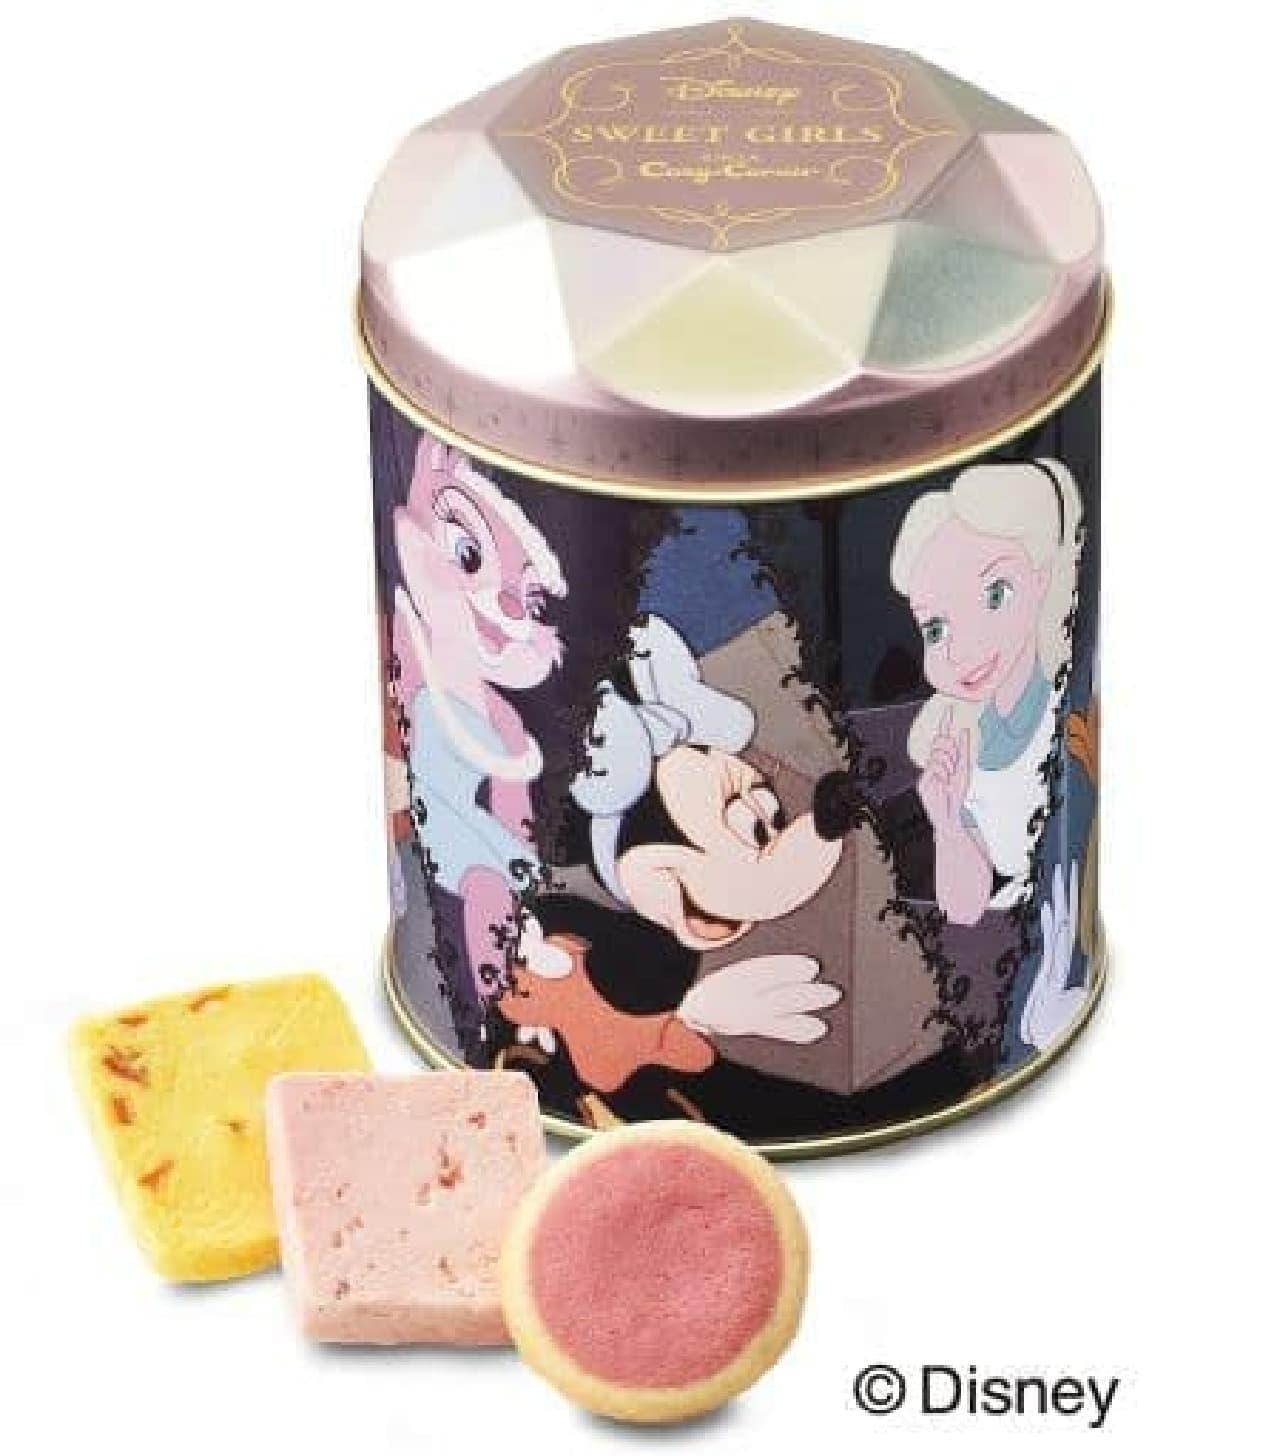 「<ディズニー>ガールズギフト缶」はディズニー・デザインの缶の中に、焼きショコラとクッキー入りのセット